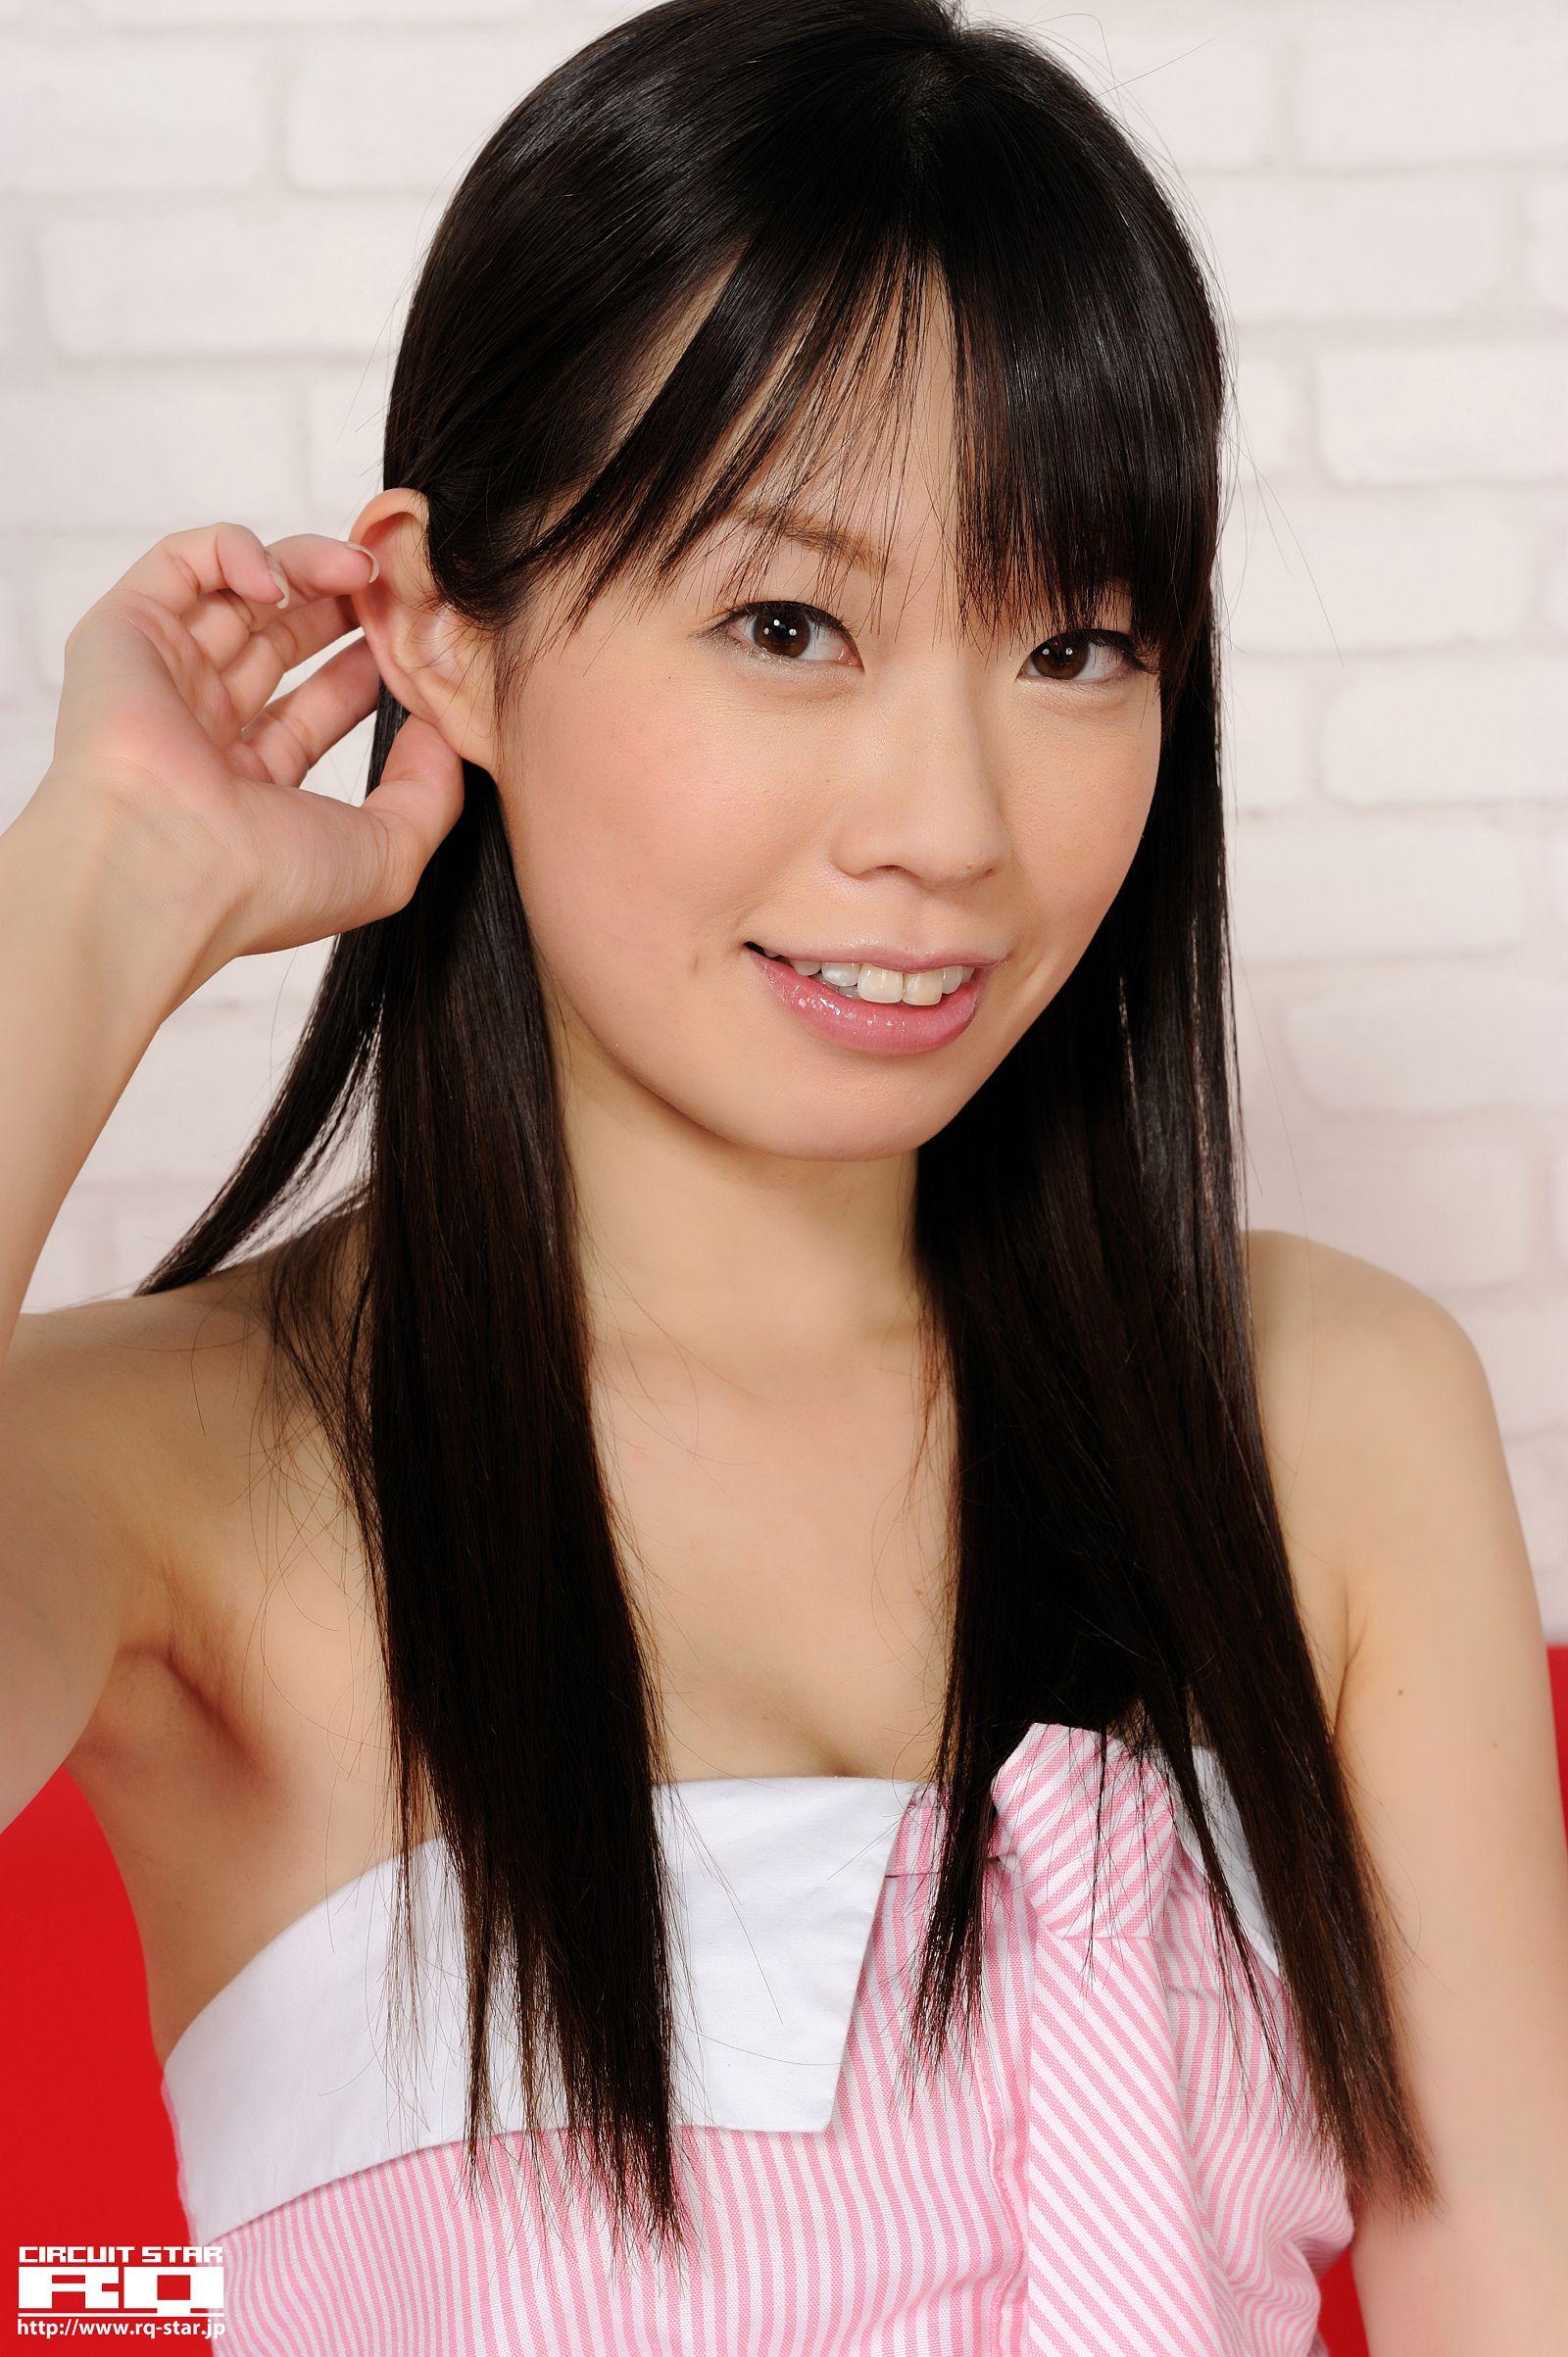 [RQ STAR美女] NO.0375 Miyuki Koizumi 小泉みゆき Private Dress[100P] RQ STAR 第2张